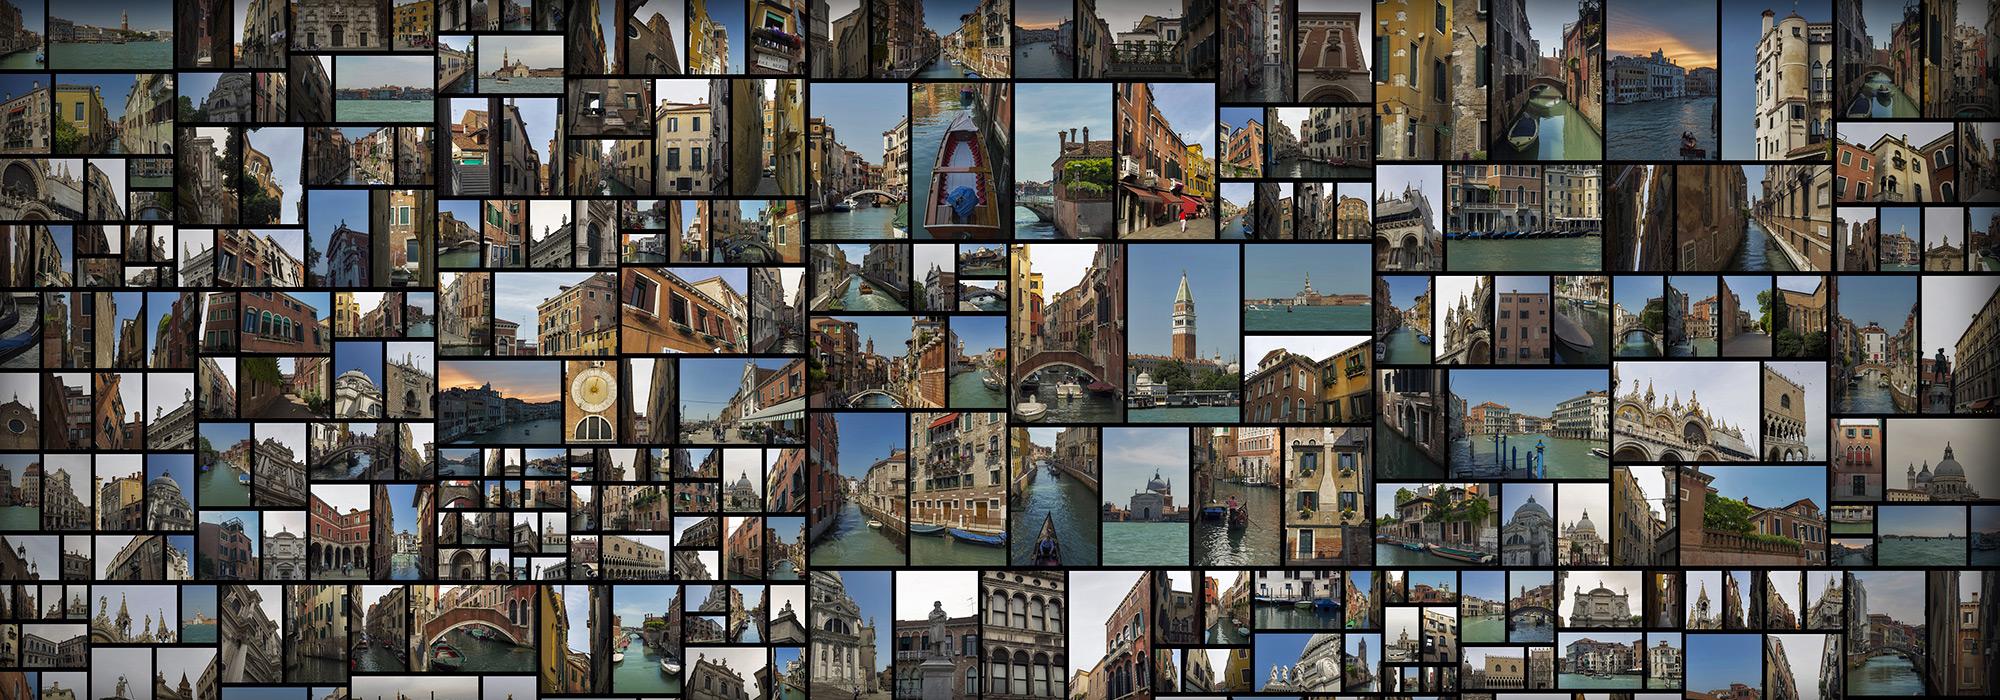 VeniceCanalsItalianFloatingCity